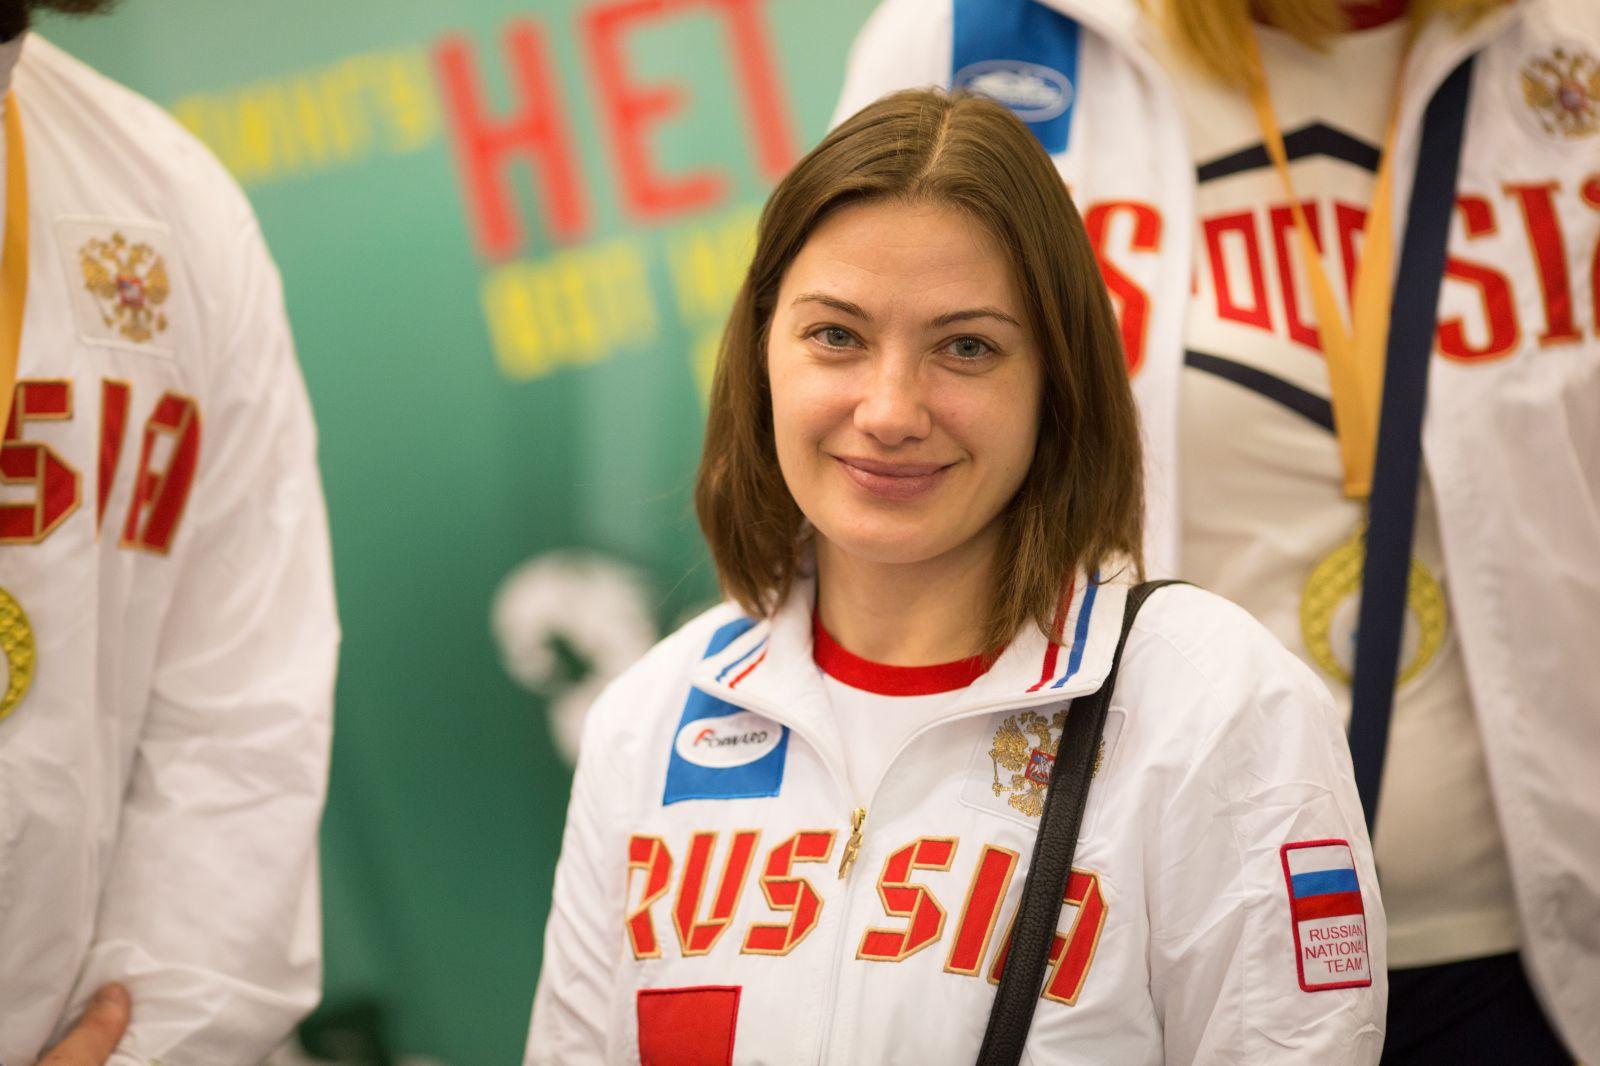 #тренимвместе с чемпионкой мира и Европы по волейболу сидя Любовью Пермяковой